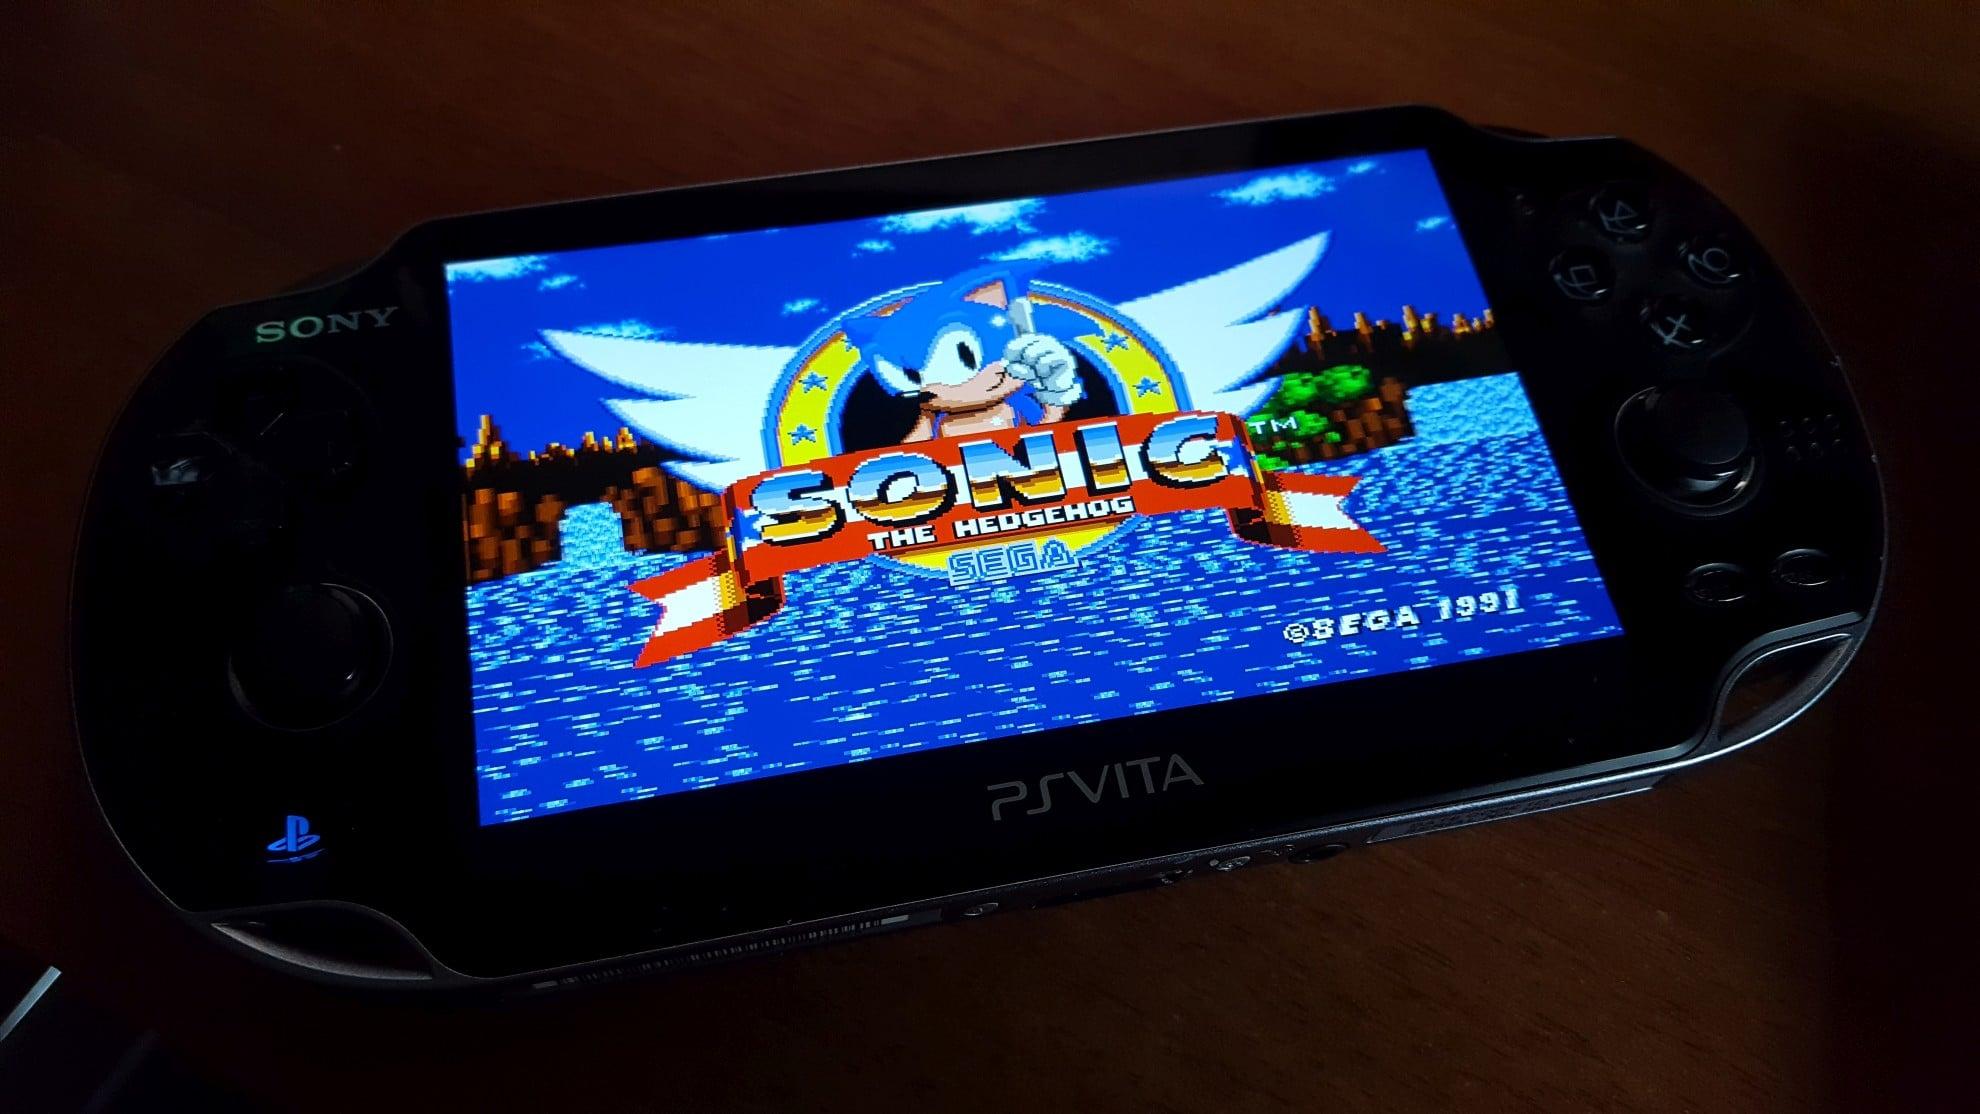 Das ist die emulierte Version von Sonic auf der PS Vita. (Foto: GamingGadgets.de)